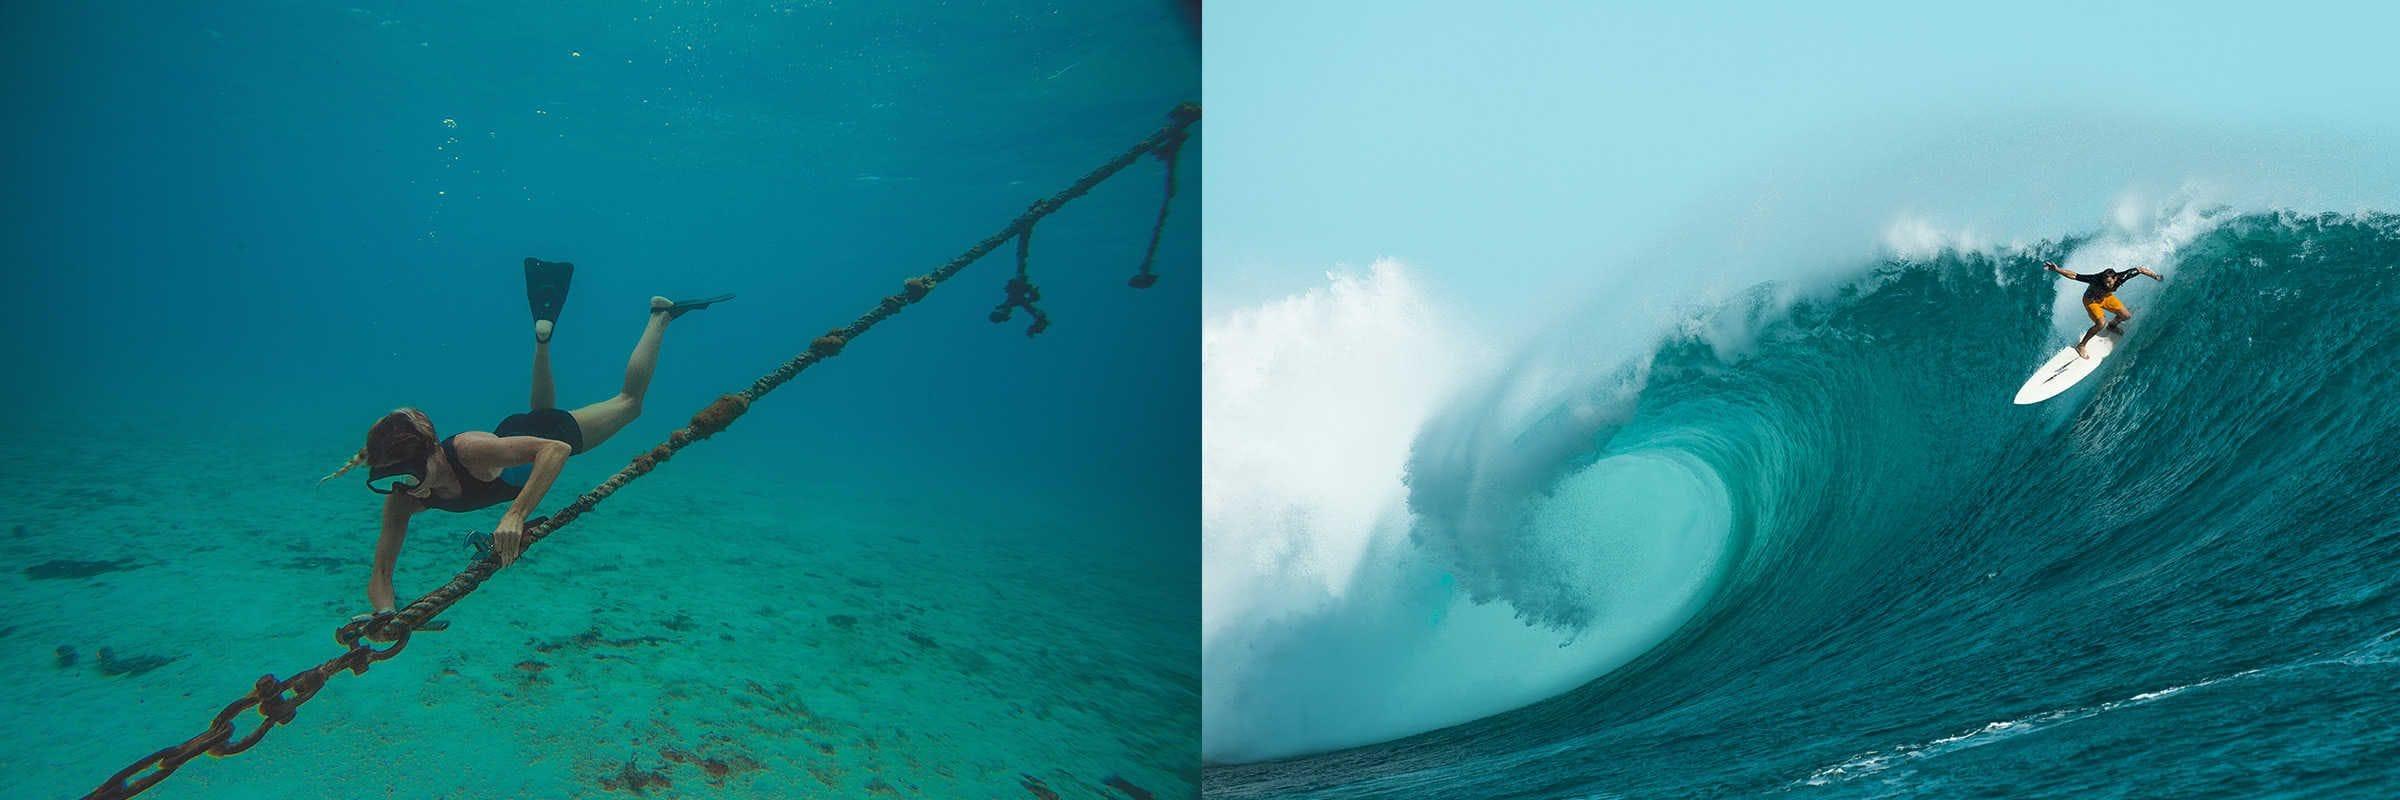 swimwear underwater